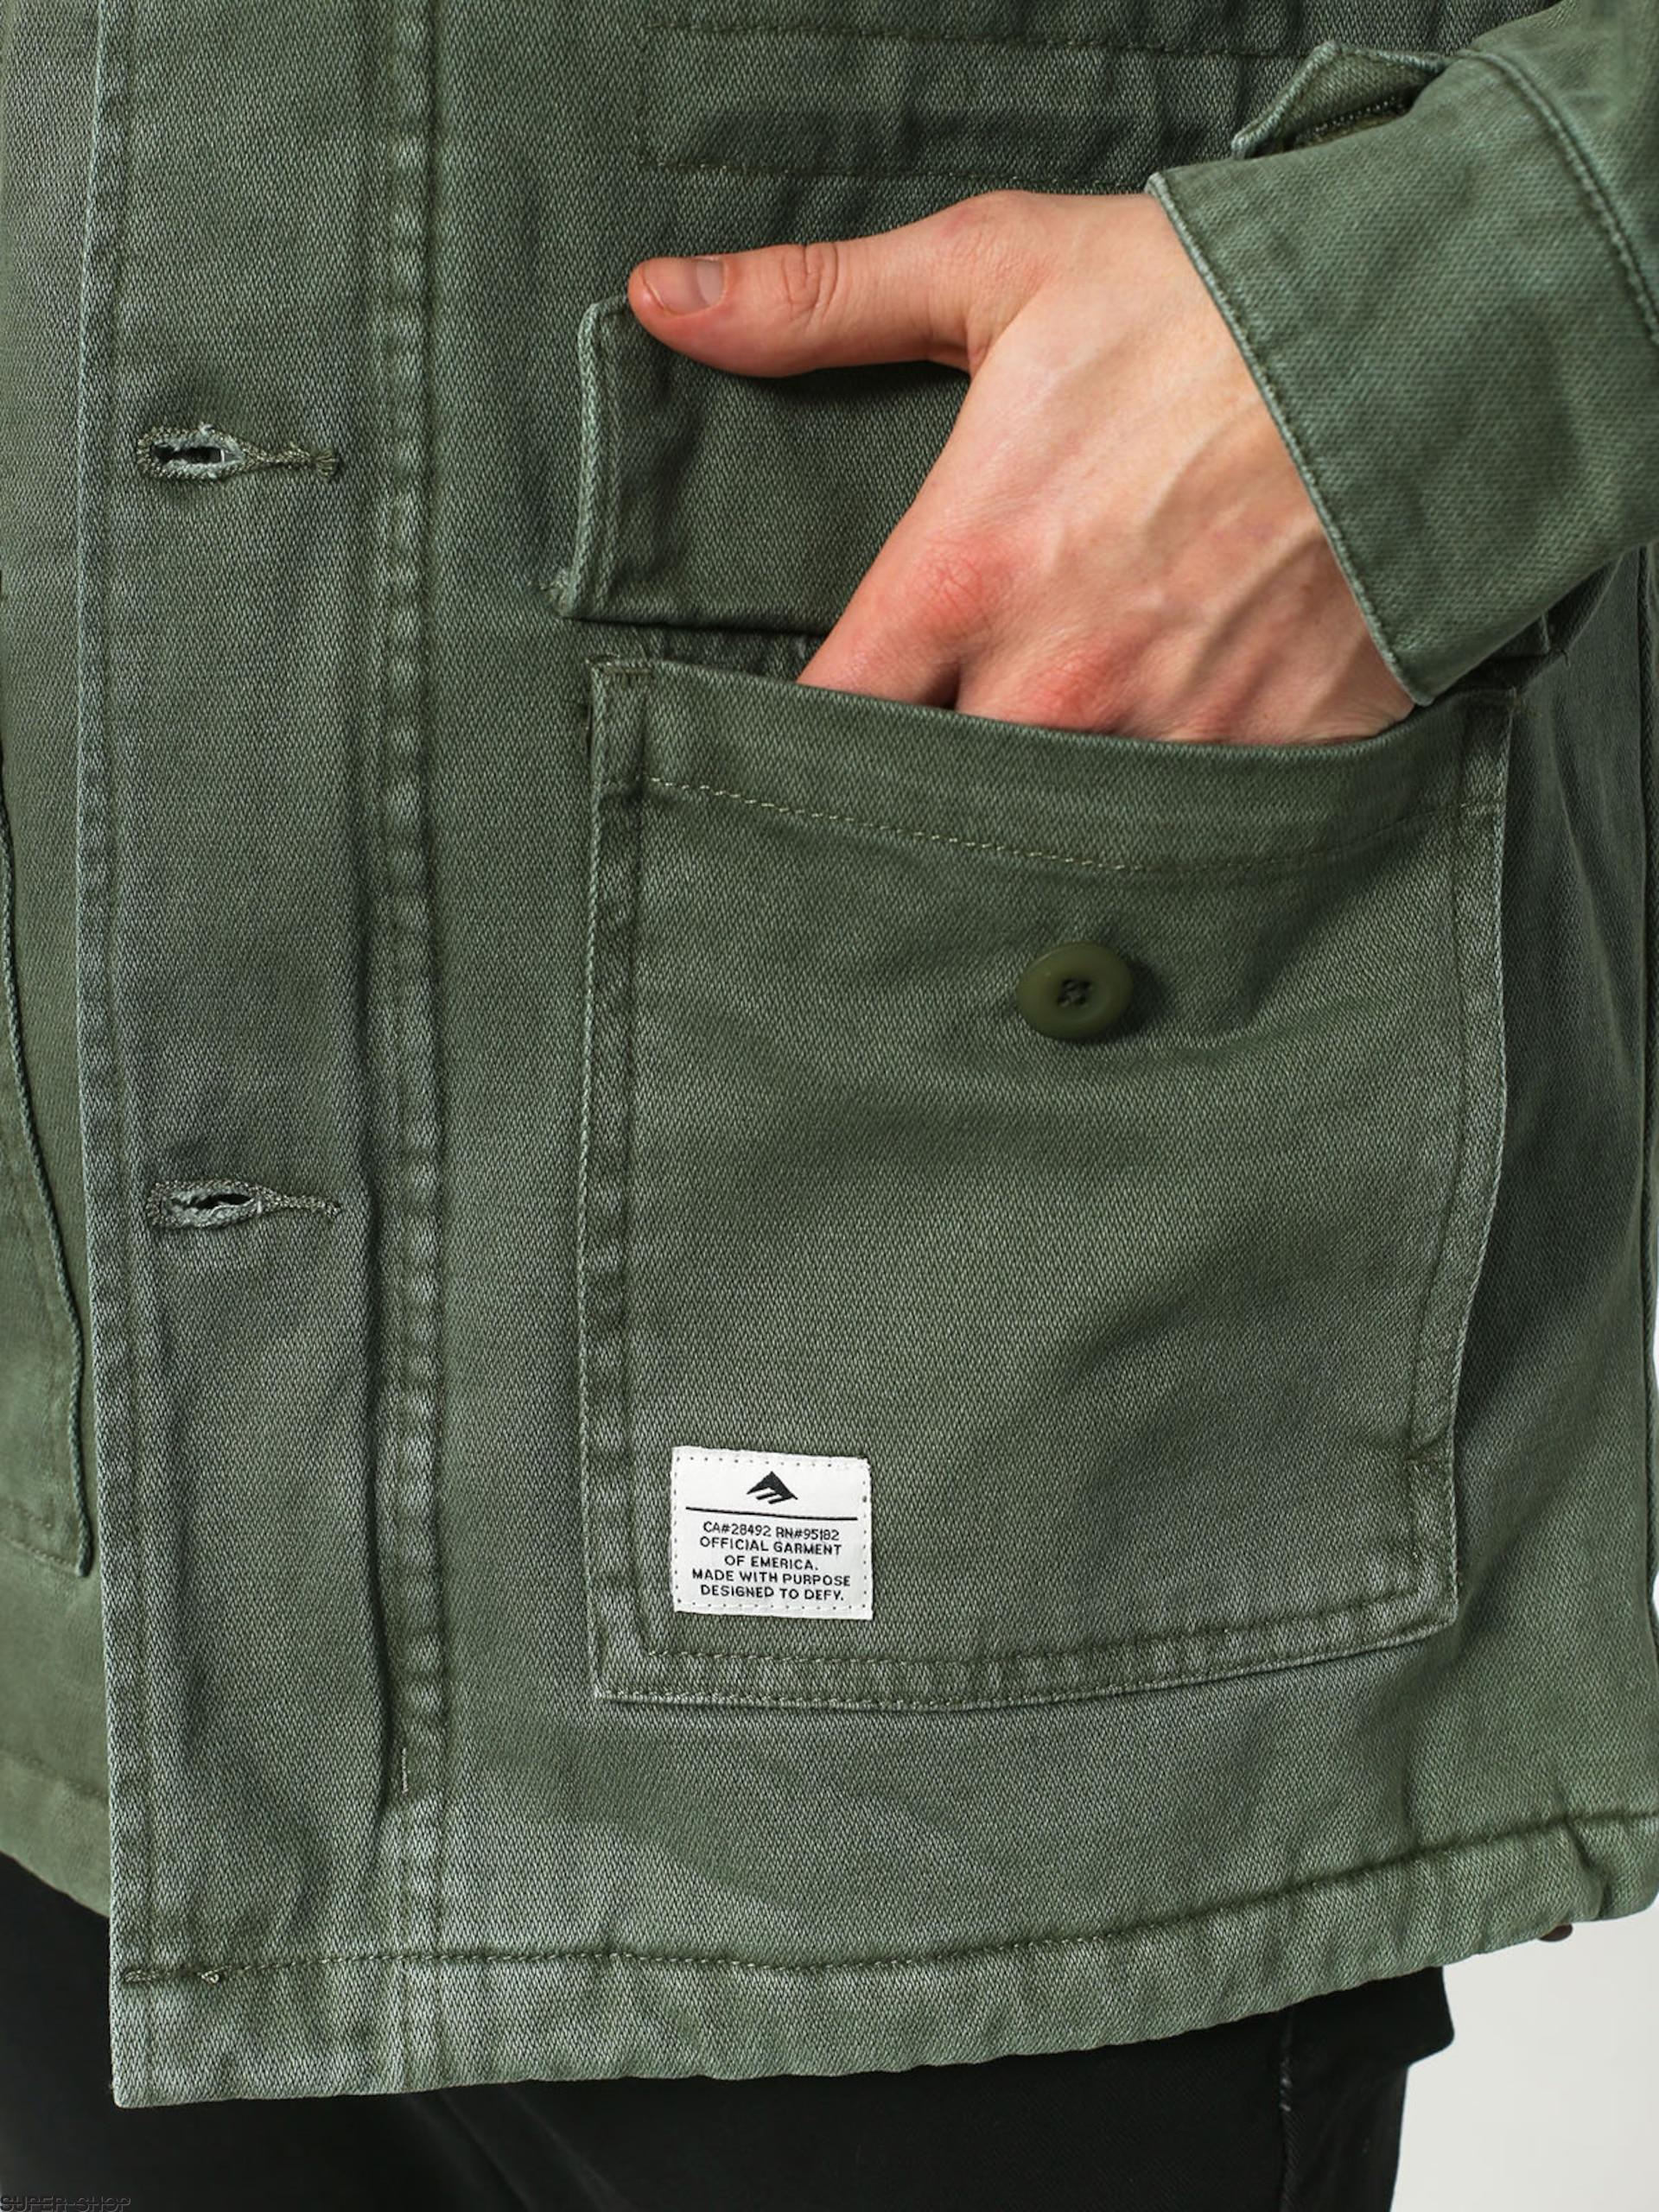 olive Jacket Emerica olive Jacket Jacket olive Emerica Emerica Emerica Morphene Jacket Morphene Morphene Morphene SdqUqv